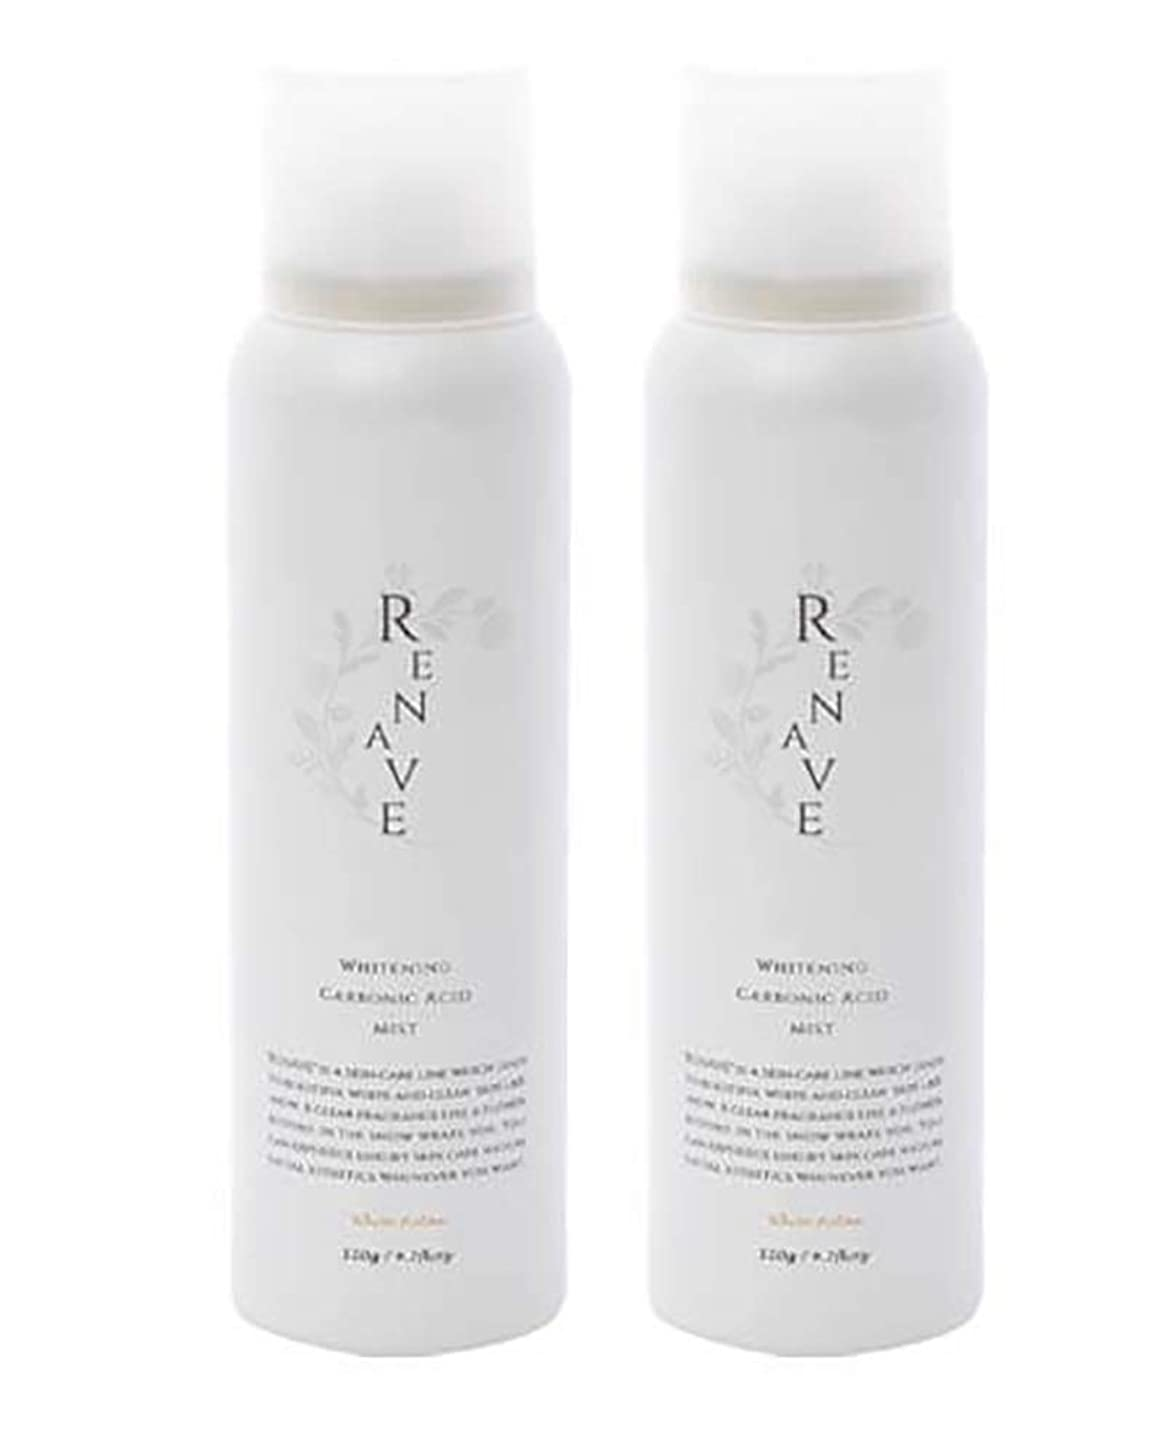 のぞき見離れた非難RENAVE(リネーヴェ) 高濃度炭酸ミスト 薬用美白化粧水 120ml 2本セット